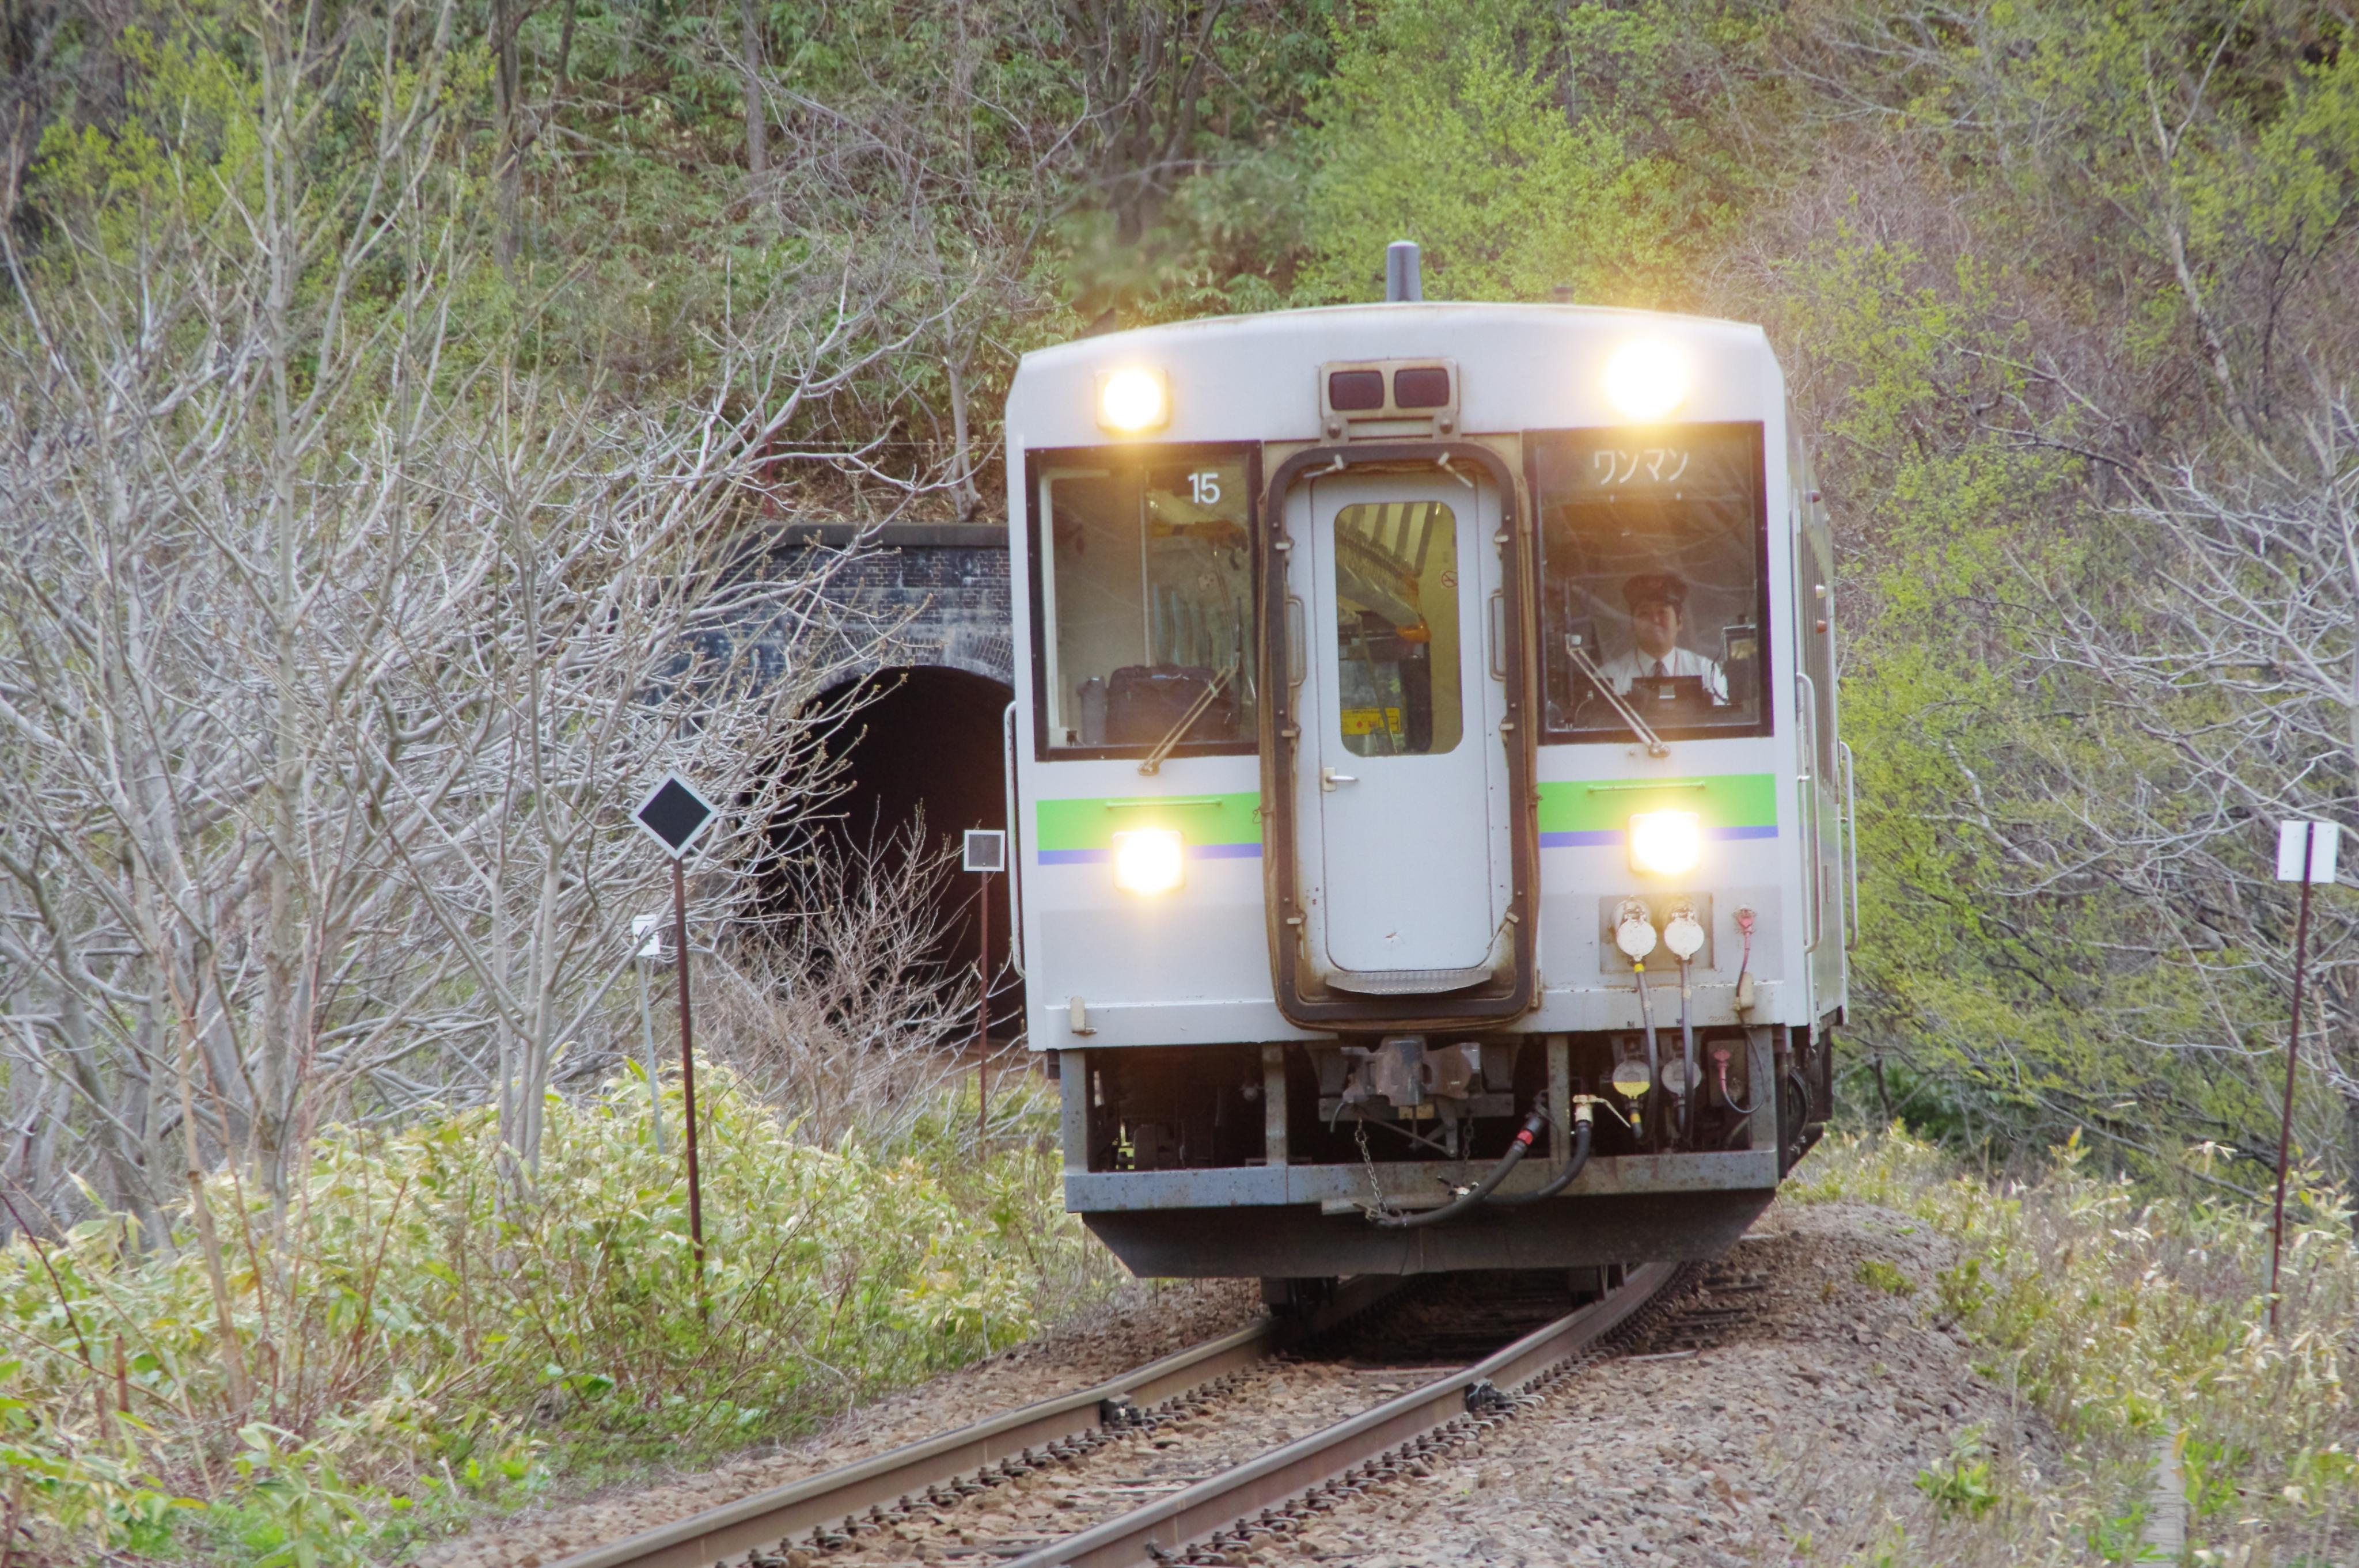 キハ150 1926D 塩谷−蘭島 桃内トンネル抜け出し_190501.jpg